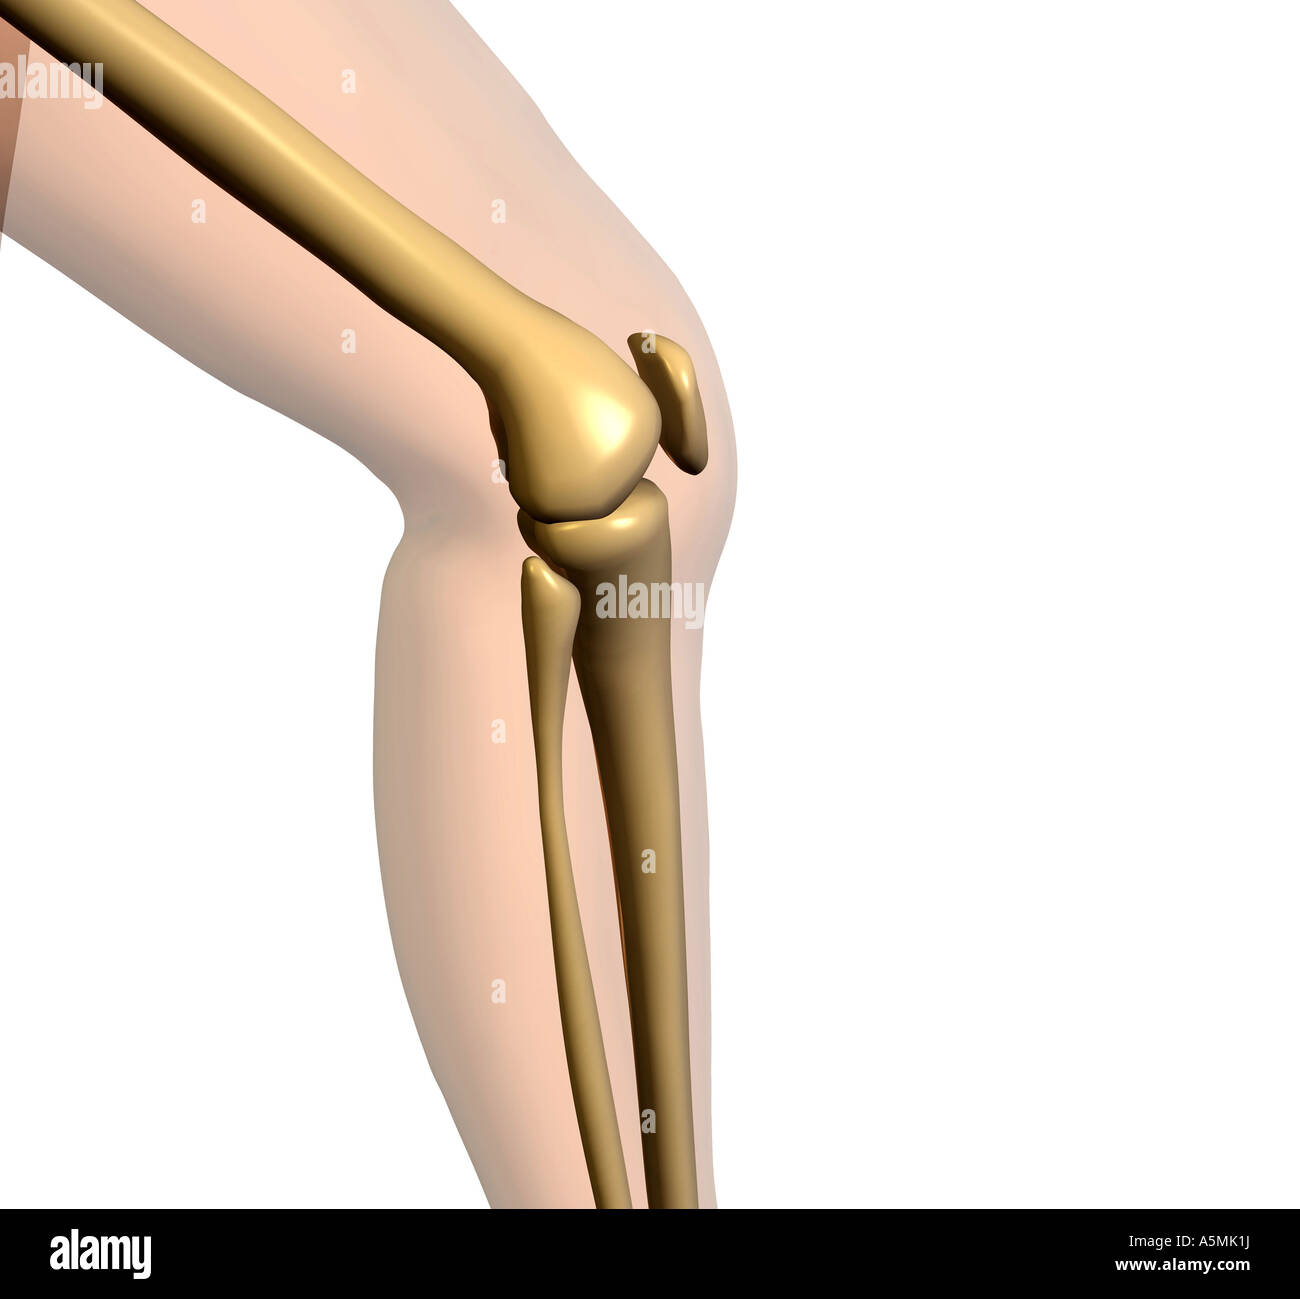 Anatomie Knie Anatomie Knie Stockfoto, Bild: 11346173 - Alamy